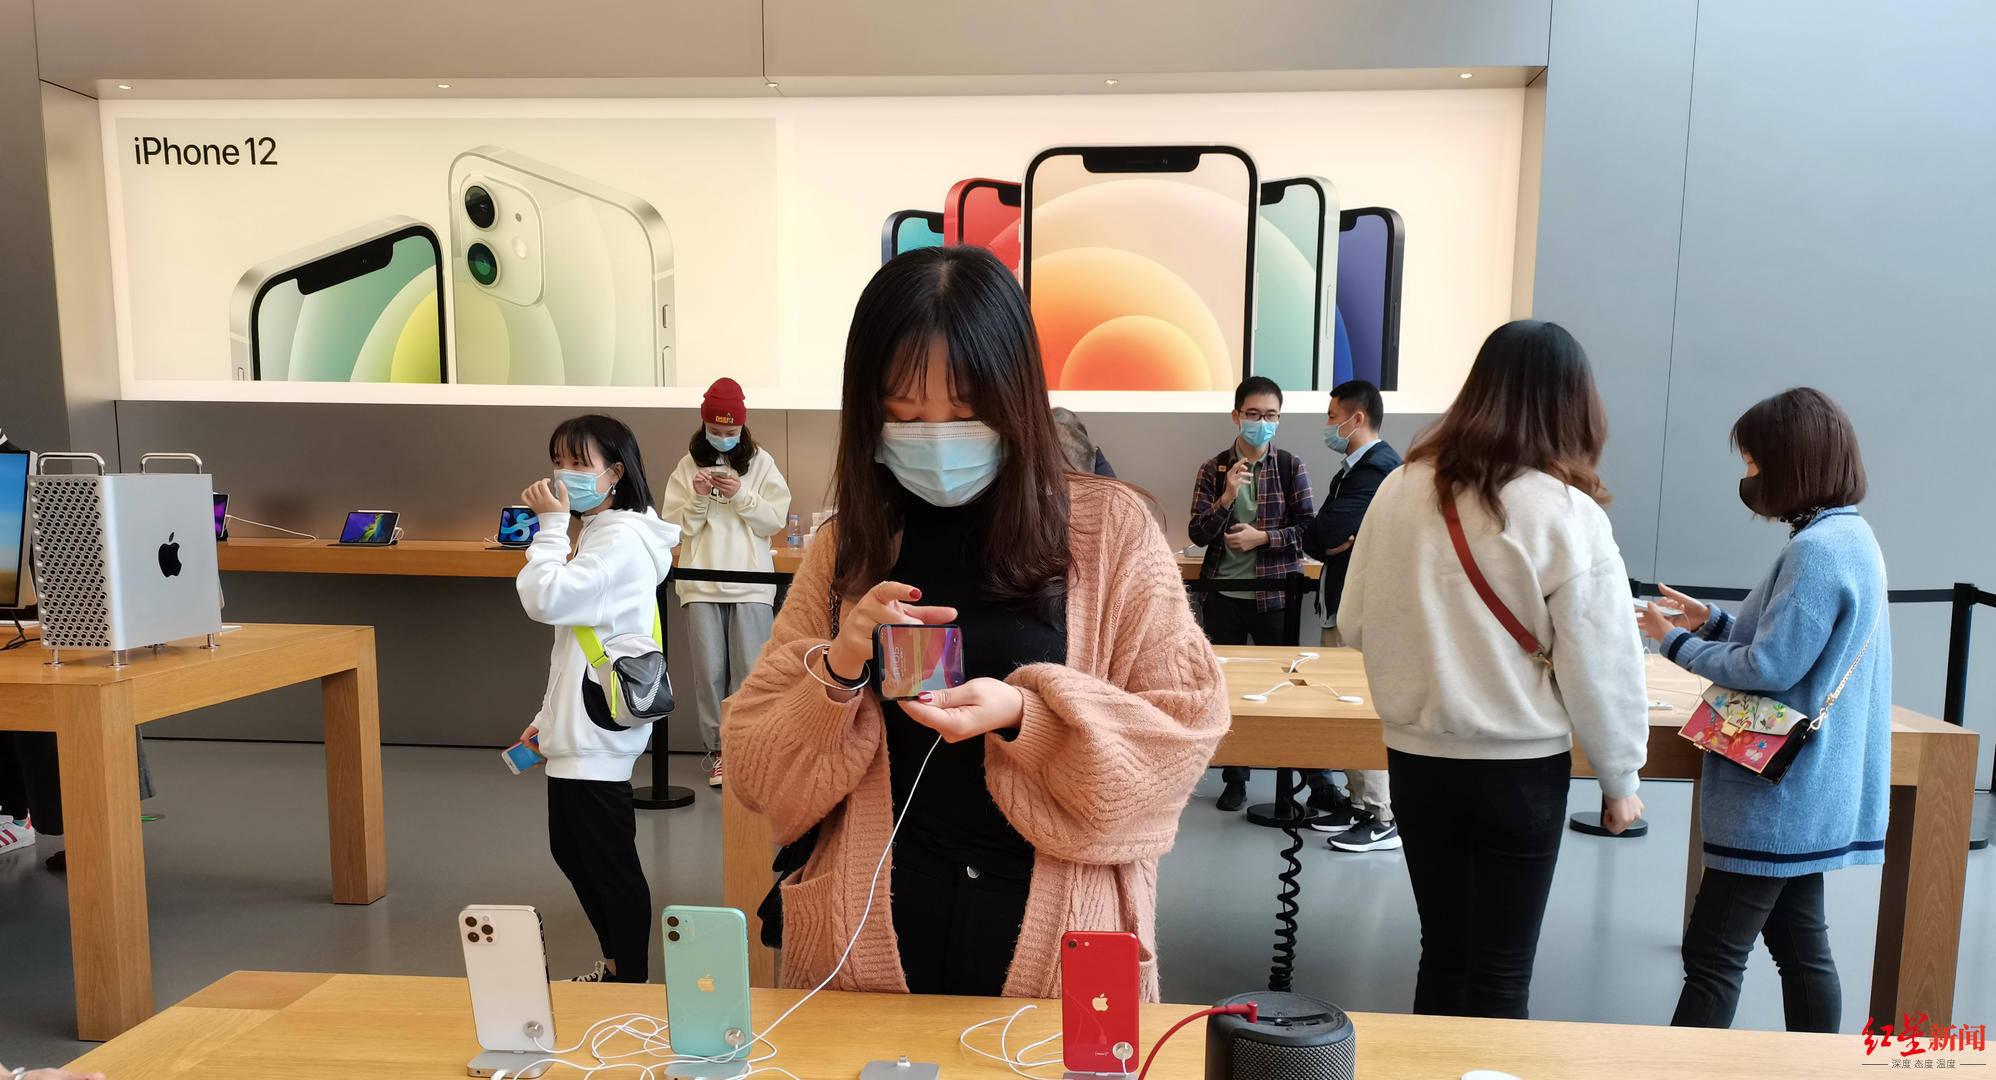 上市5天iPhone12跌破发行价,办5G套餐最高降千元